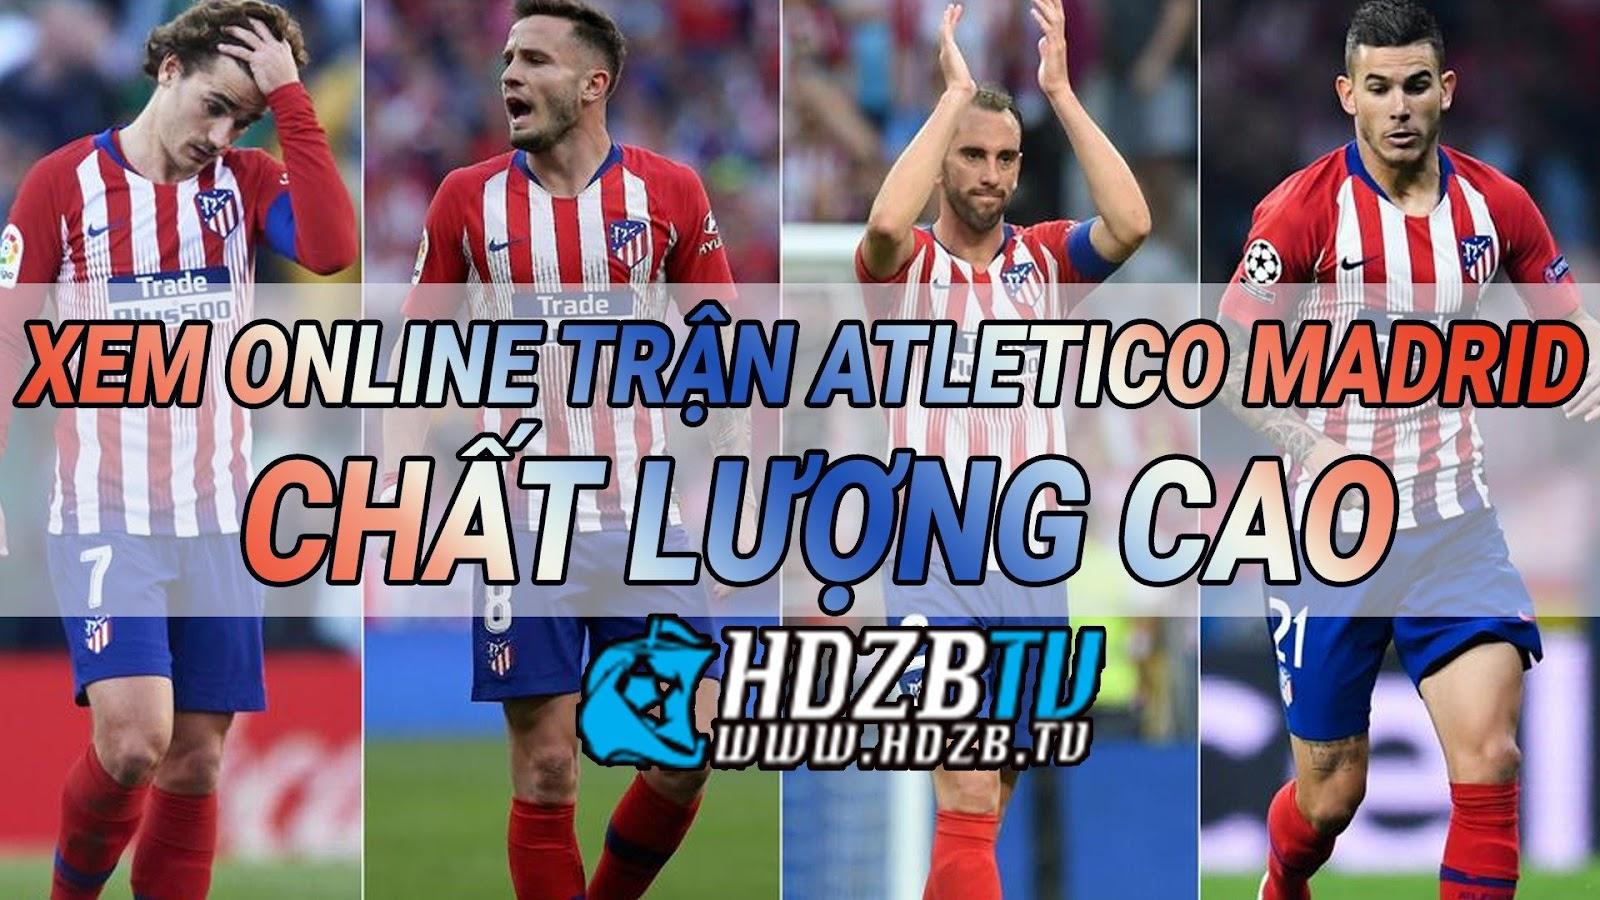 """Xem bóng đá trực tuyến hay nhất tại trang web đá bóng trực tiếp hôm nay siêu nét HDZB.tv, bạn sẽ như lạc vào thế giới bóng đá, tận hưởng những giây phút tuyệt vời với những pha lên bóng """"siêu đẹp, siêu ngầu"""", Kể cả bạn muốn xem trực tiếp bóng đá Ngoại hạng Anh, trực tiếp bóng đá Euro, trực tiếp bóng đá La Liga, trực tiếp bóng đá cúp C1, C2, trực tiếp bóng đá Việt Nam, bạn đều có thể tìm thấy tất cả tại trang web đá bóng trực tiếp HDZB.tv."""